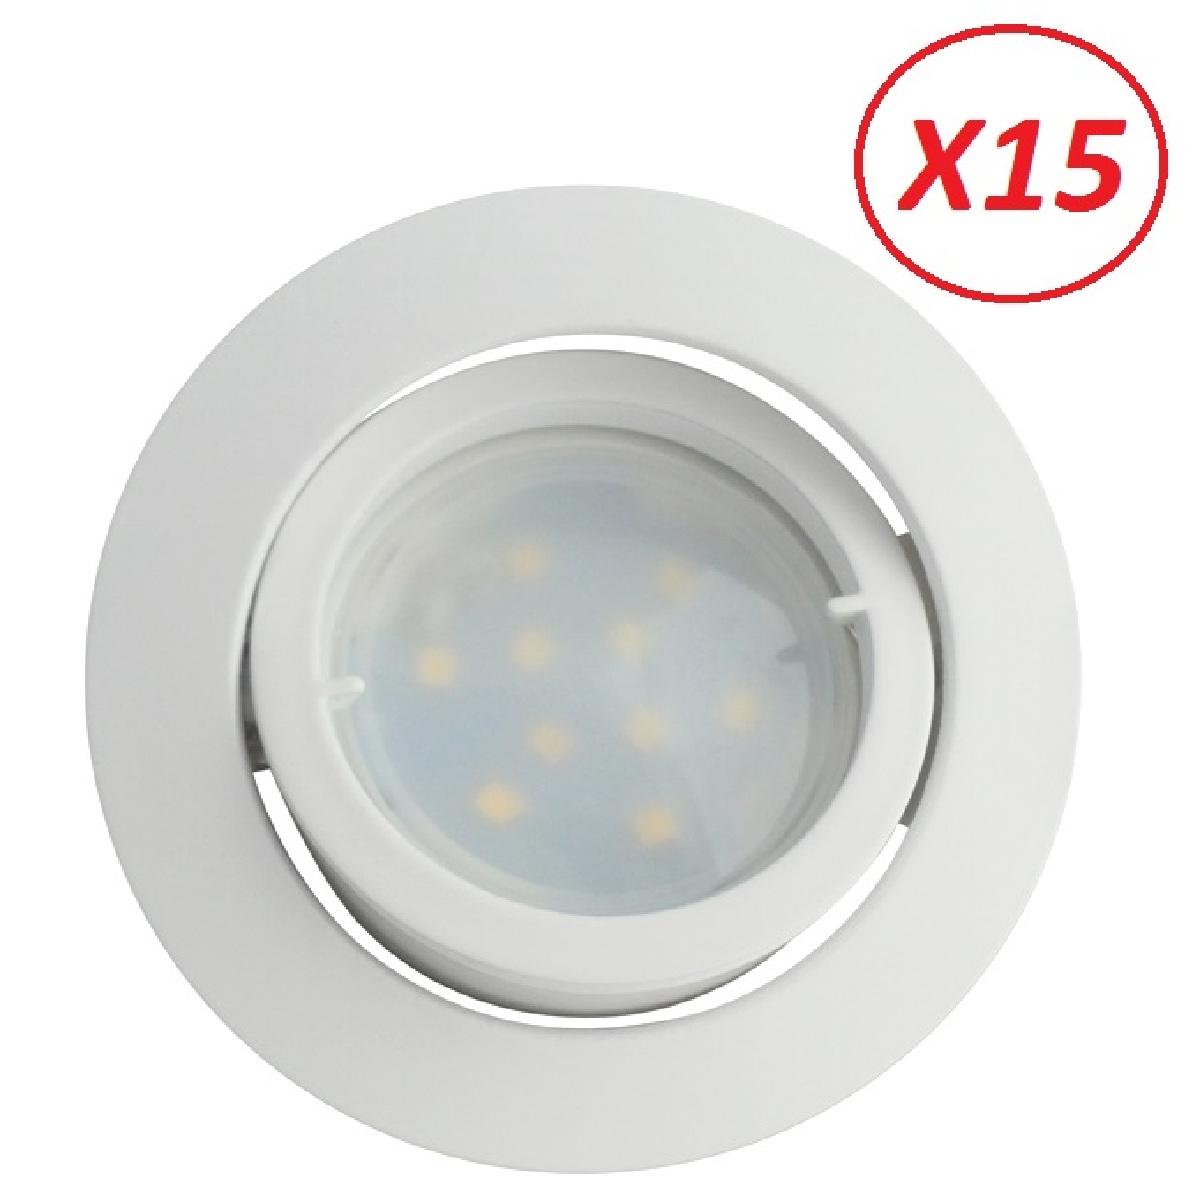 Lampesecoenergie Lot de 15 Spot Led Encastrable Complete Blanc Orientable lumière Blanc Neutre eq. 50W ref.888